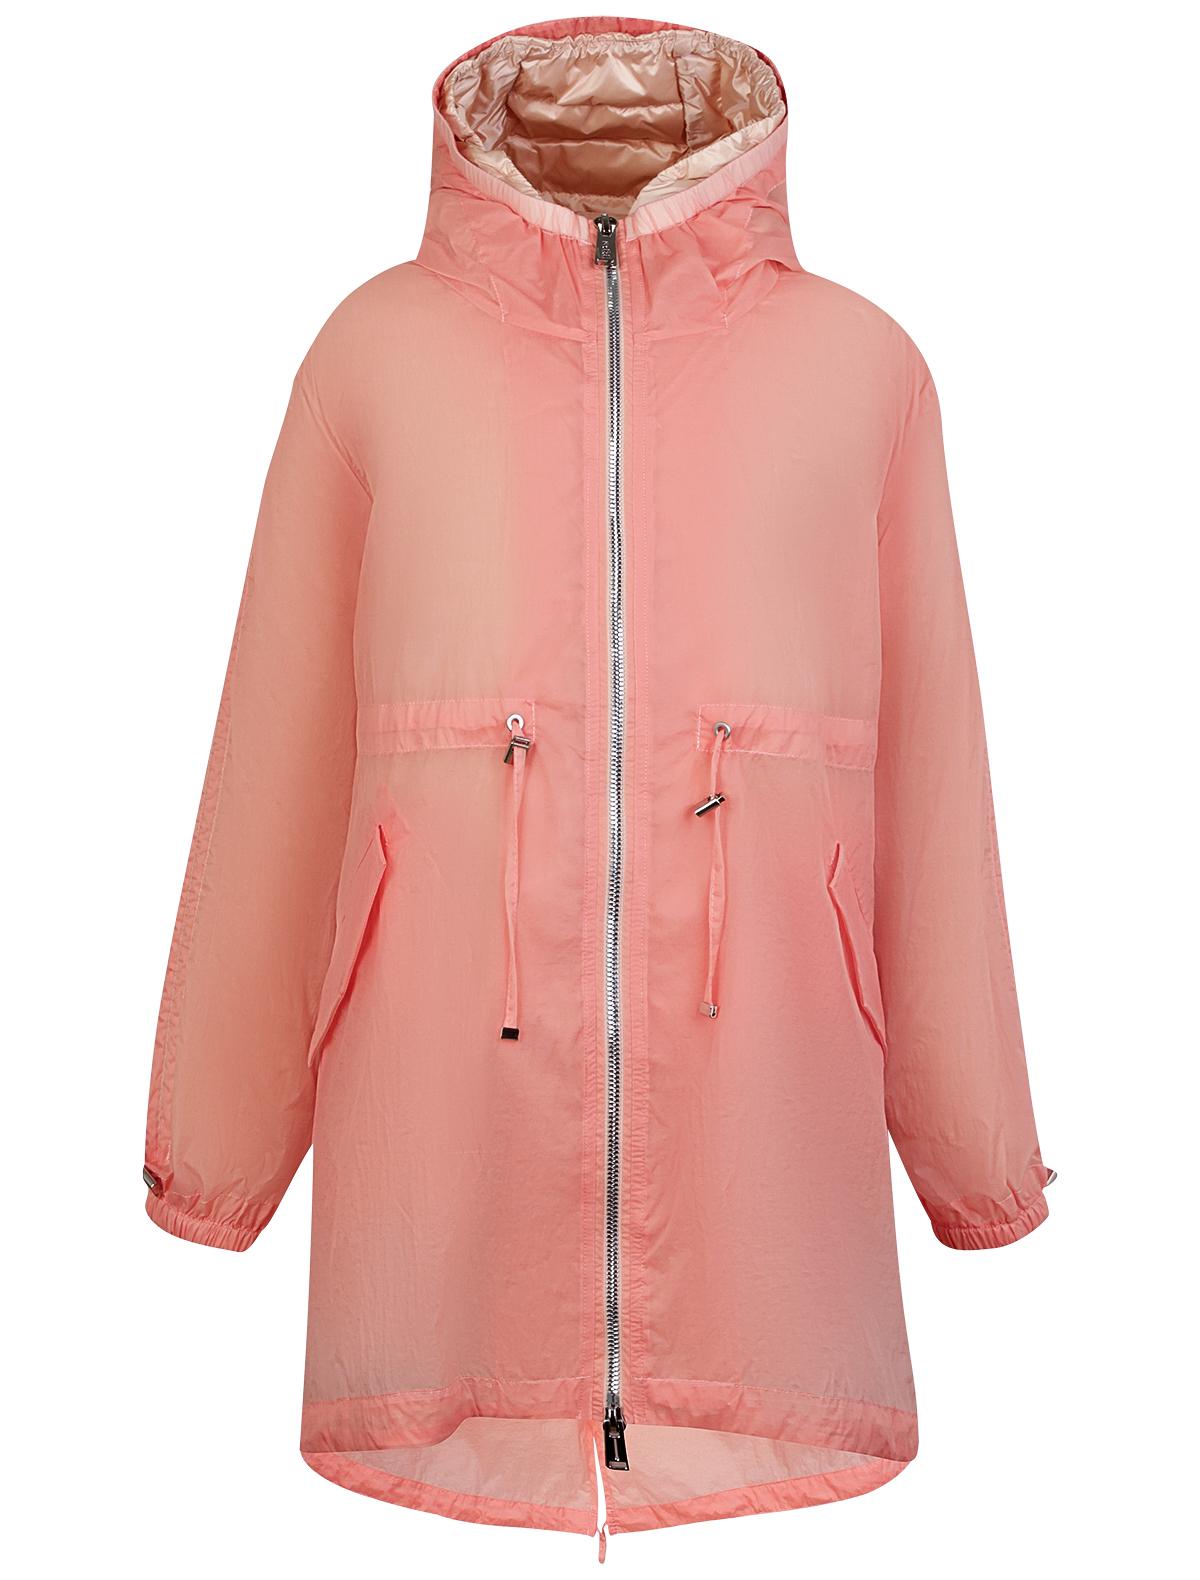 Купить 1991757, Куртка ADD, розовый, Женский, 1072609970052